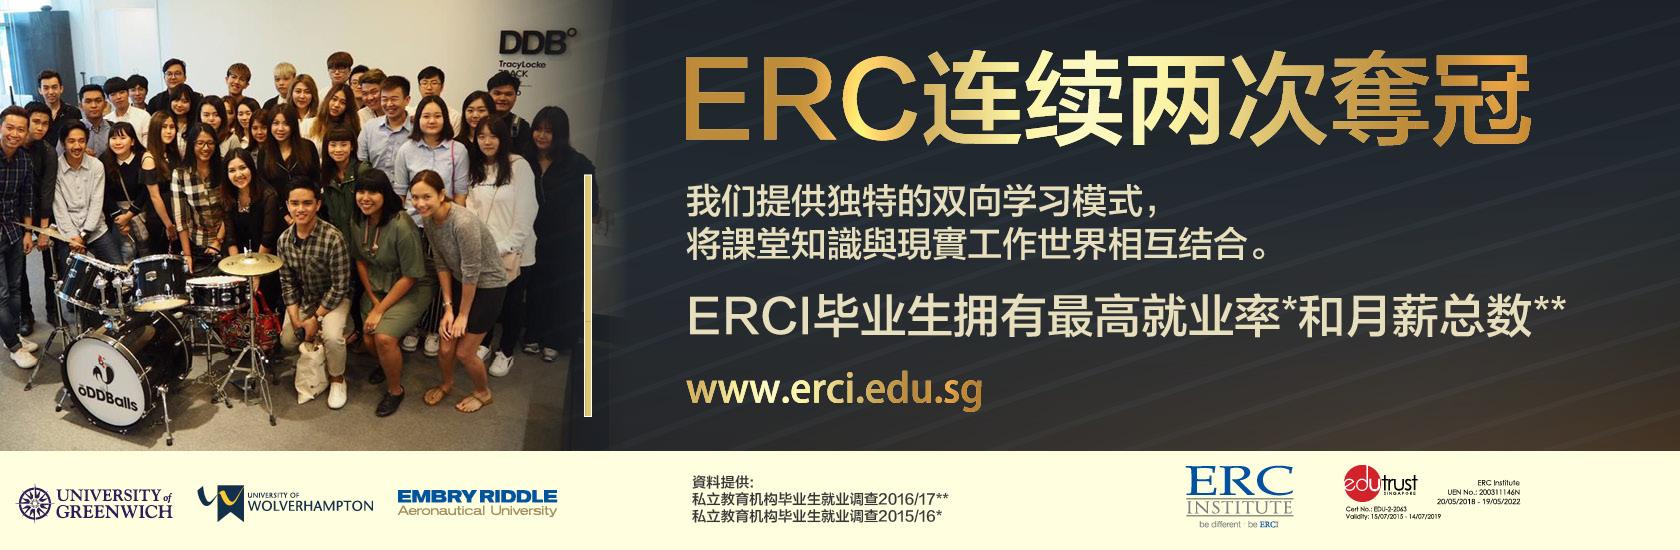 ERC web banner Mar18 312